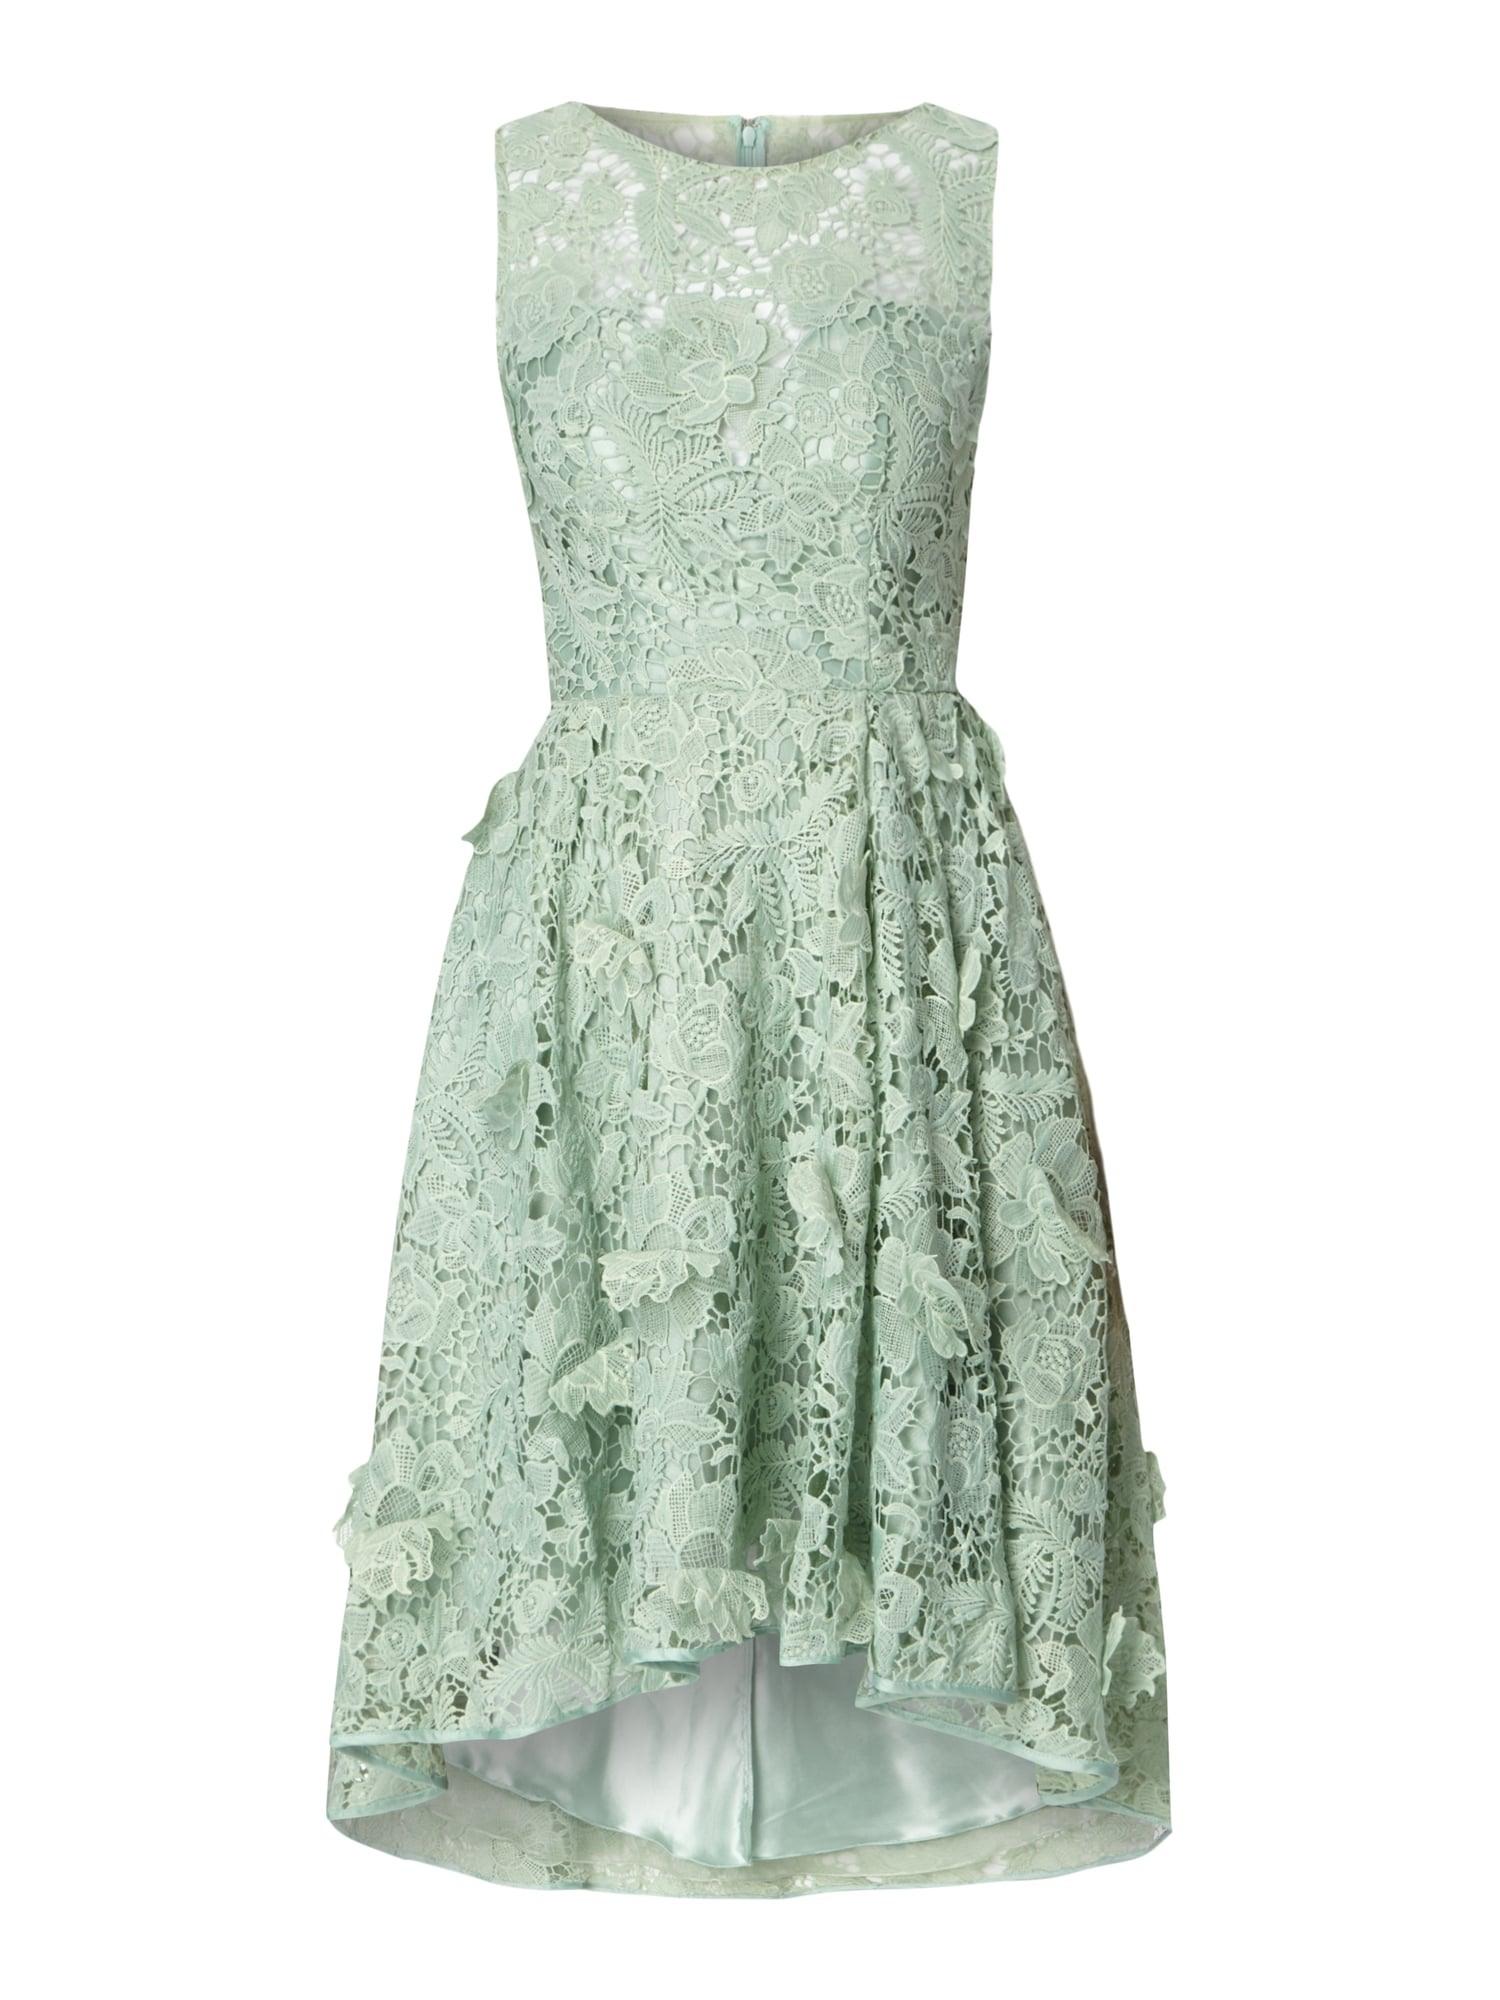 17 Schön Kleid Mintgrün Spitze Boutique15 Großartig Kleid Mintgrün Spitze Bester Preis